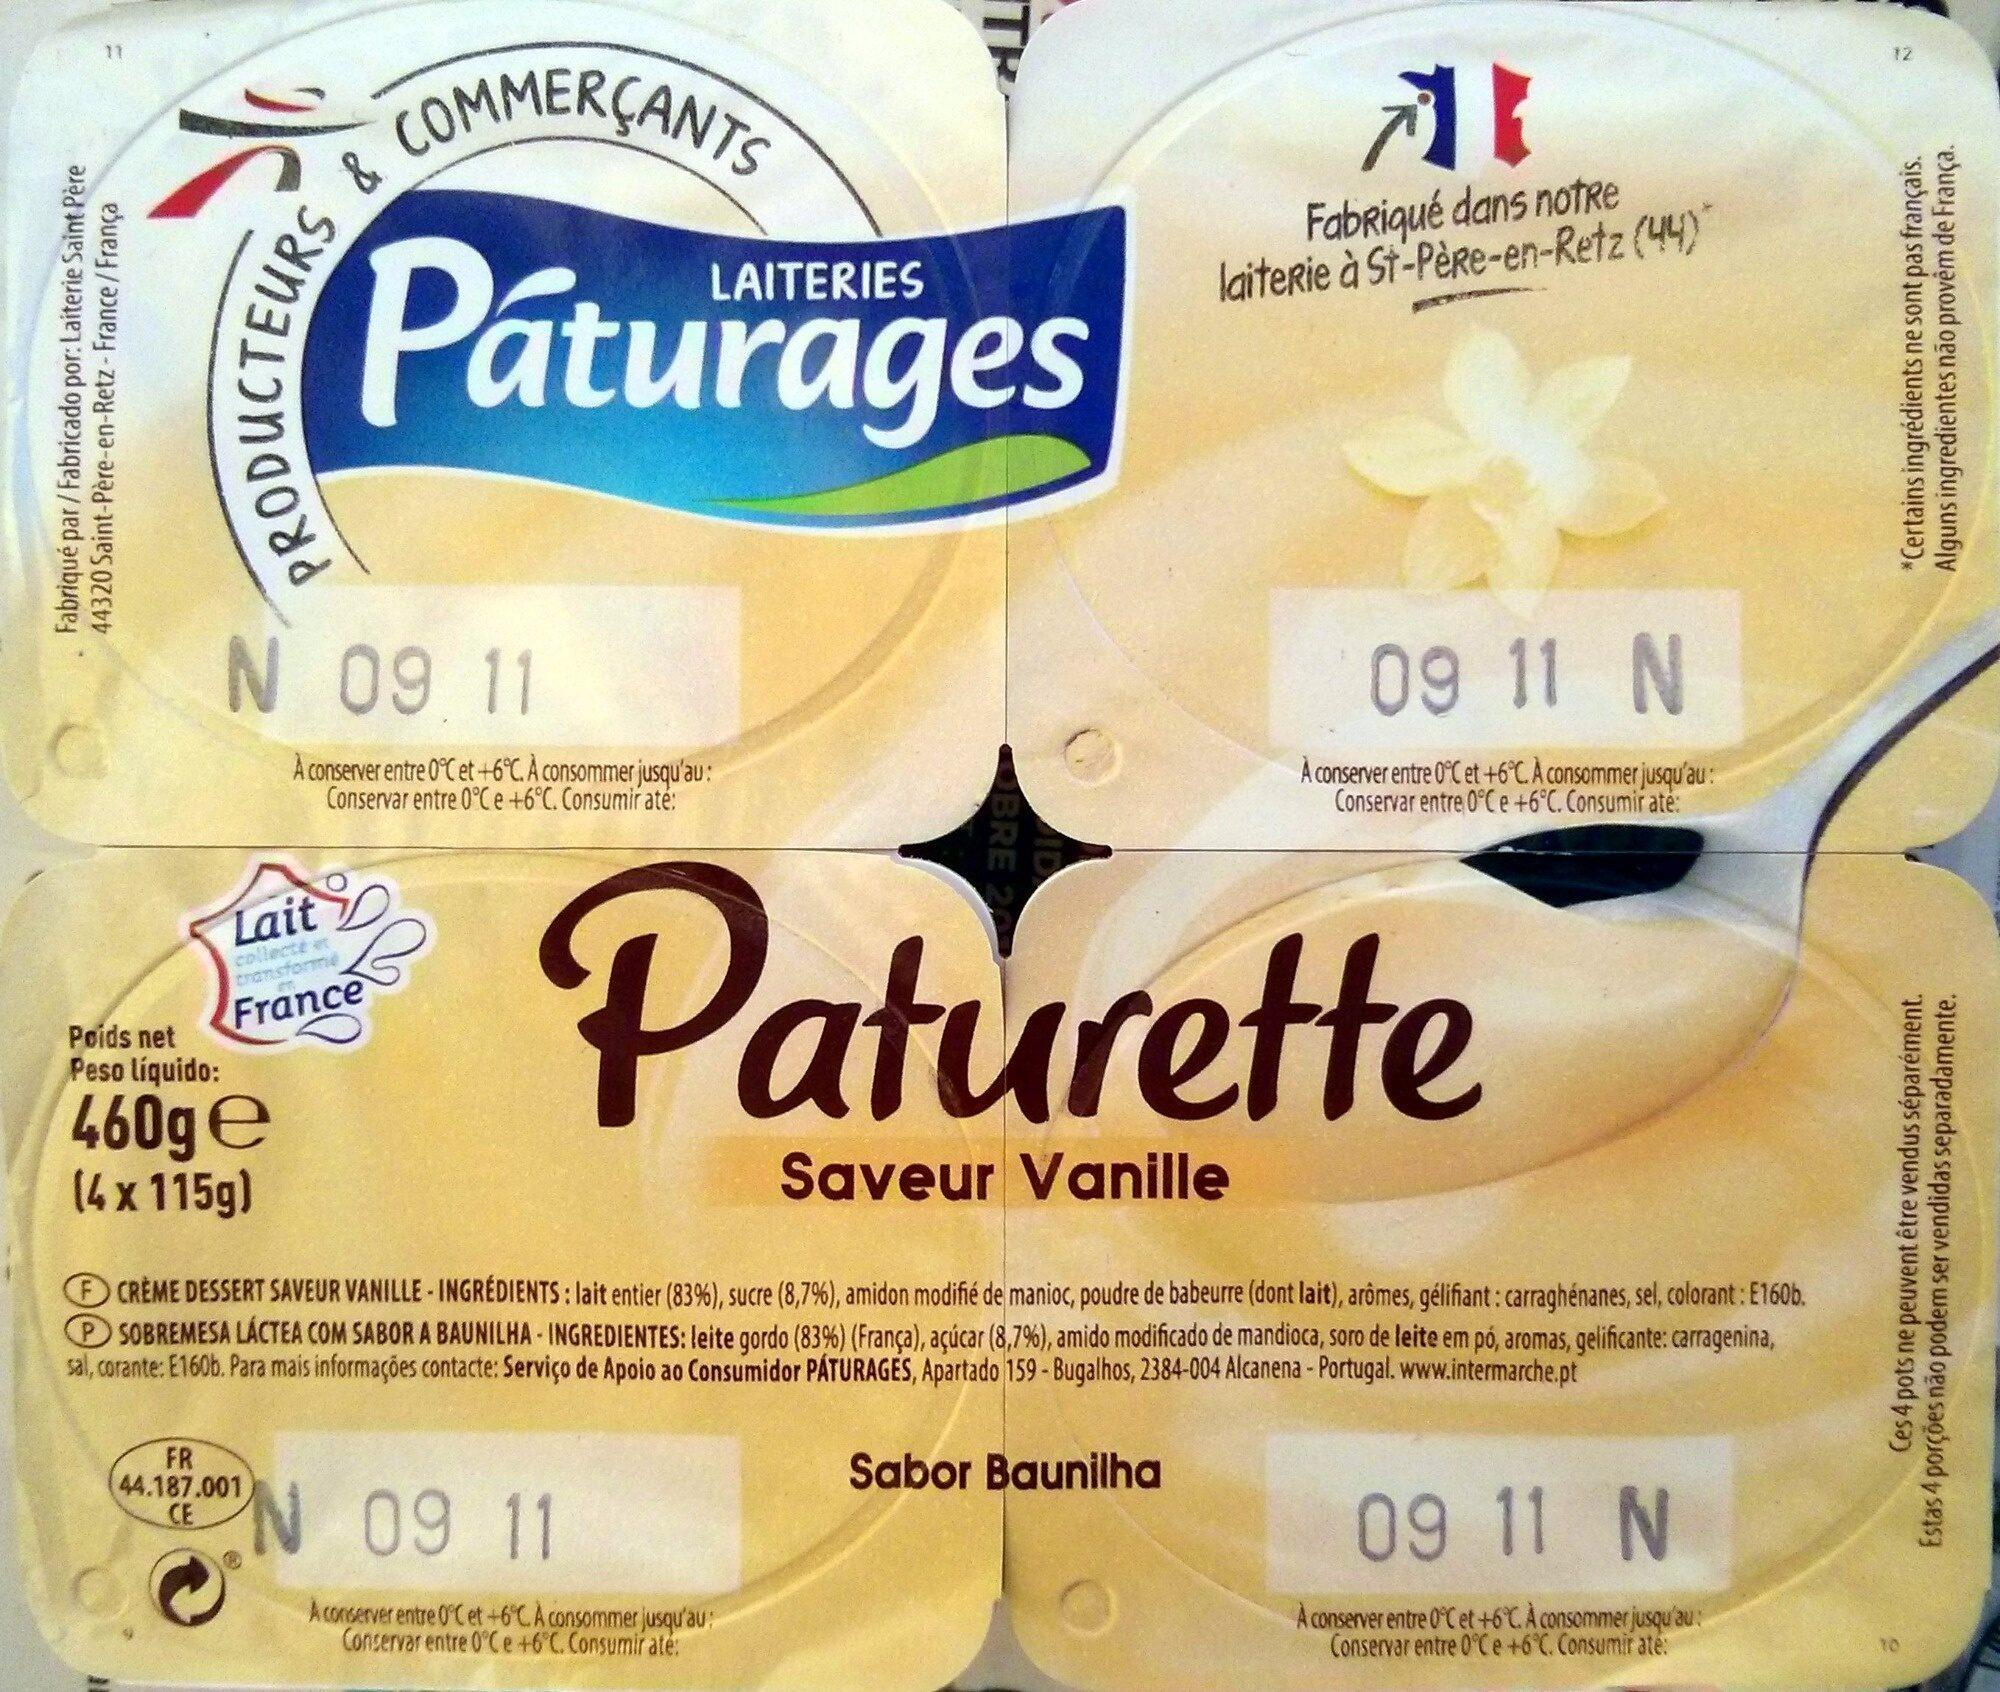 Paturette Saveur Vanille - Produit - fr